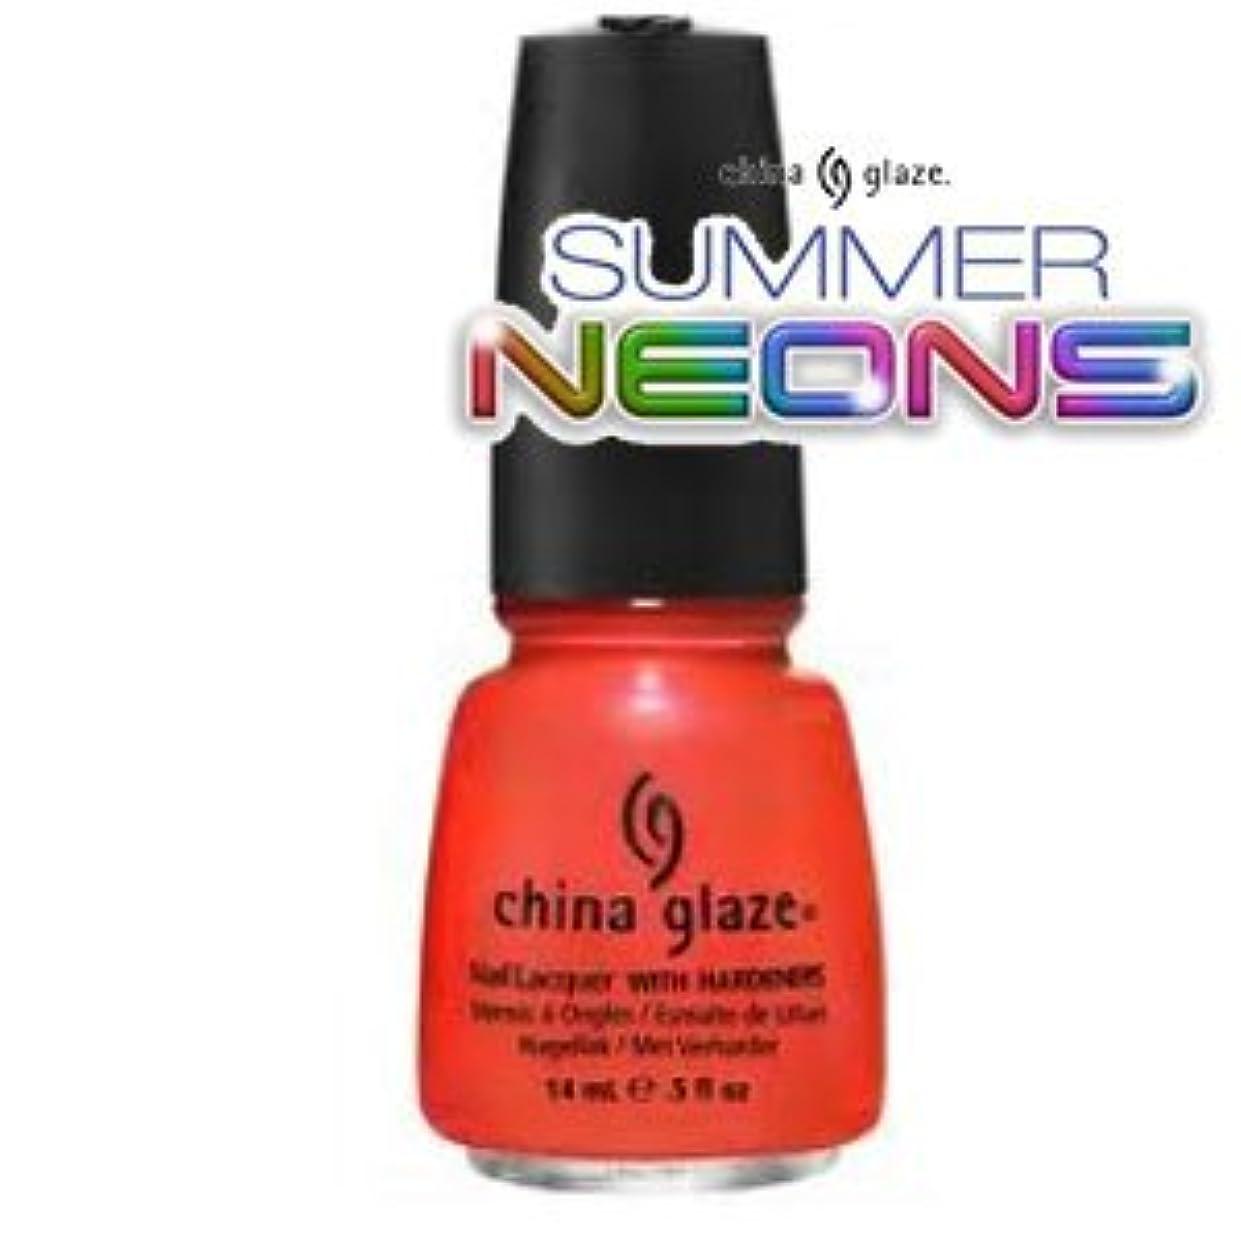 側面十分です累計(チャイナグレイズ)China Glaze Surfin ' For Boysーサマーネオン コレクション [海外直送品][並行輸入品]